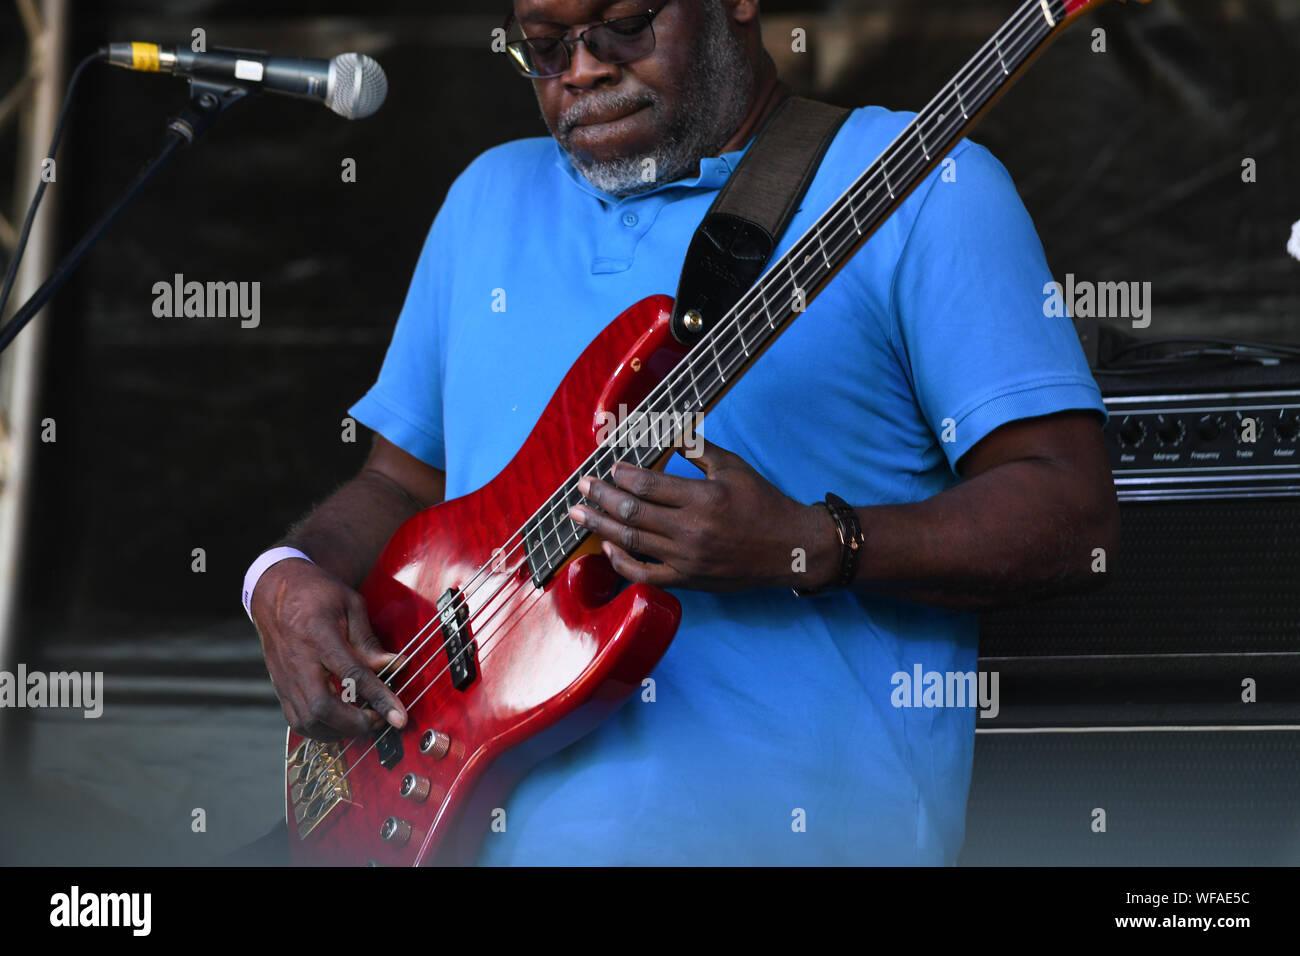 Musica Funk Imágenes De Stock Musica Funk Fotos De Stock